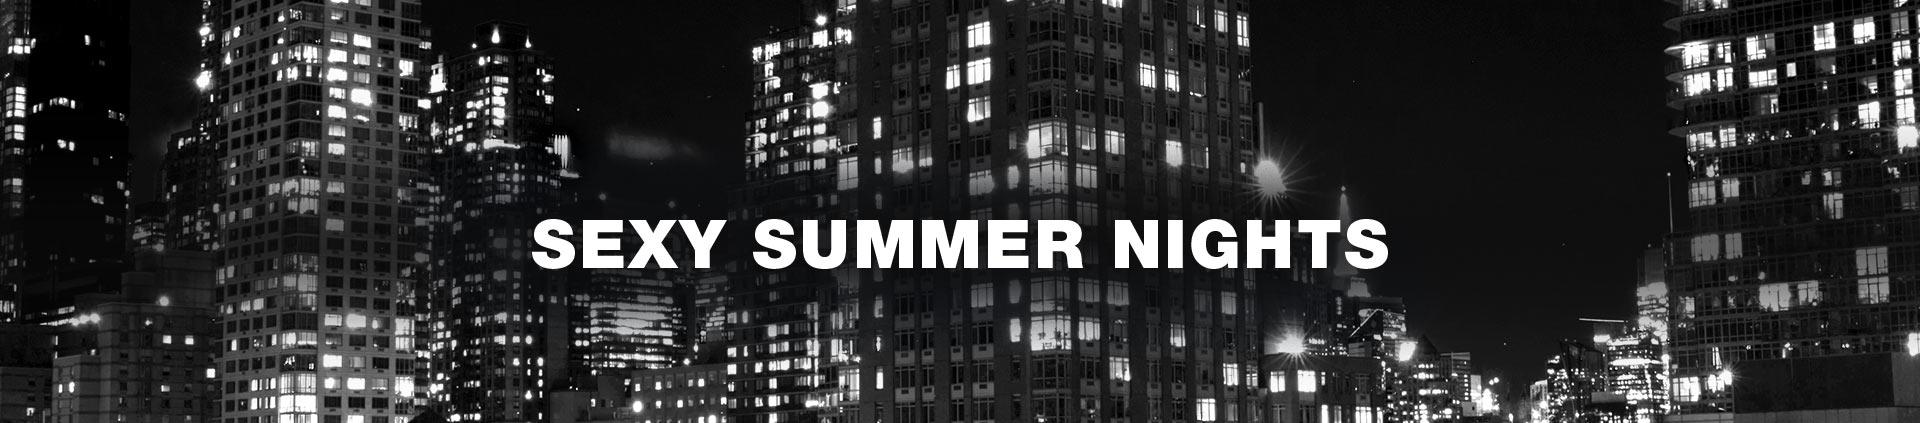 SEXY SUMMER NIGHTS